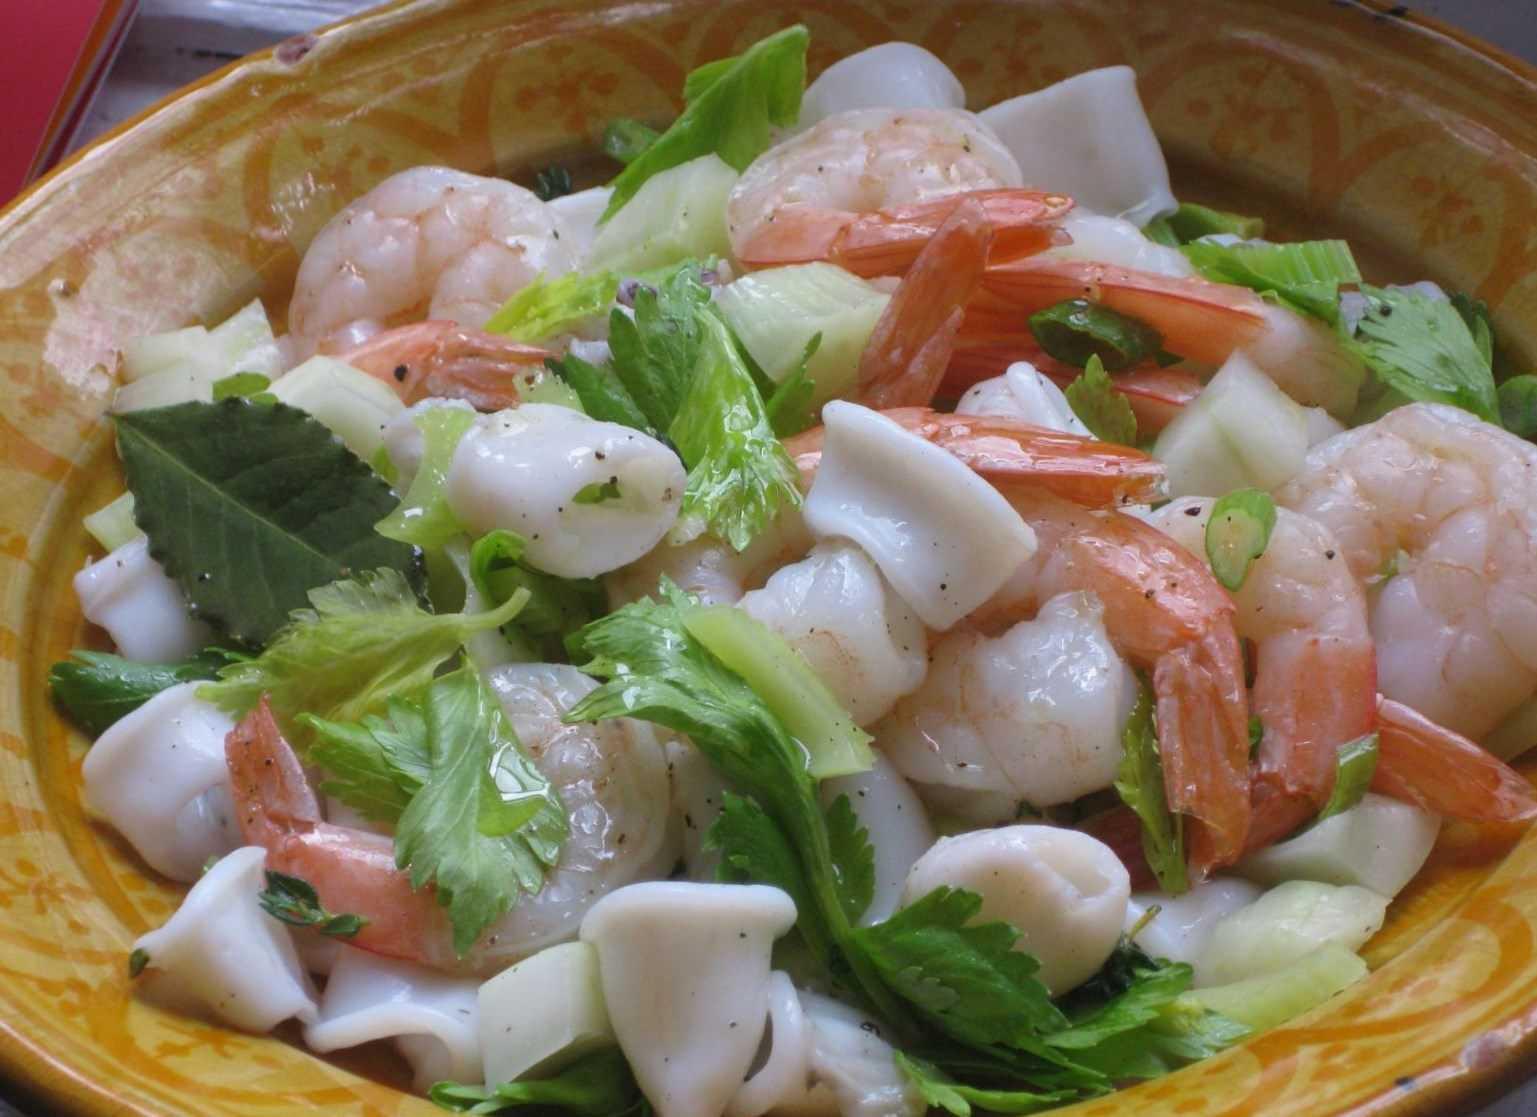 Салат с креветками и кальмарами - 6 рецептов приготовления салатов